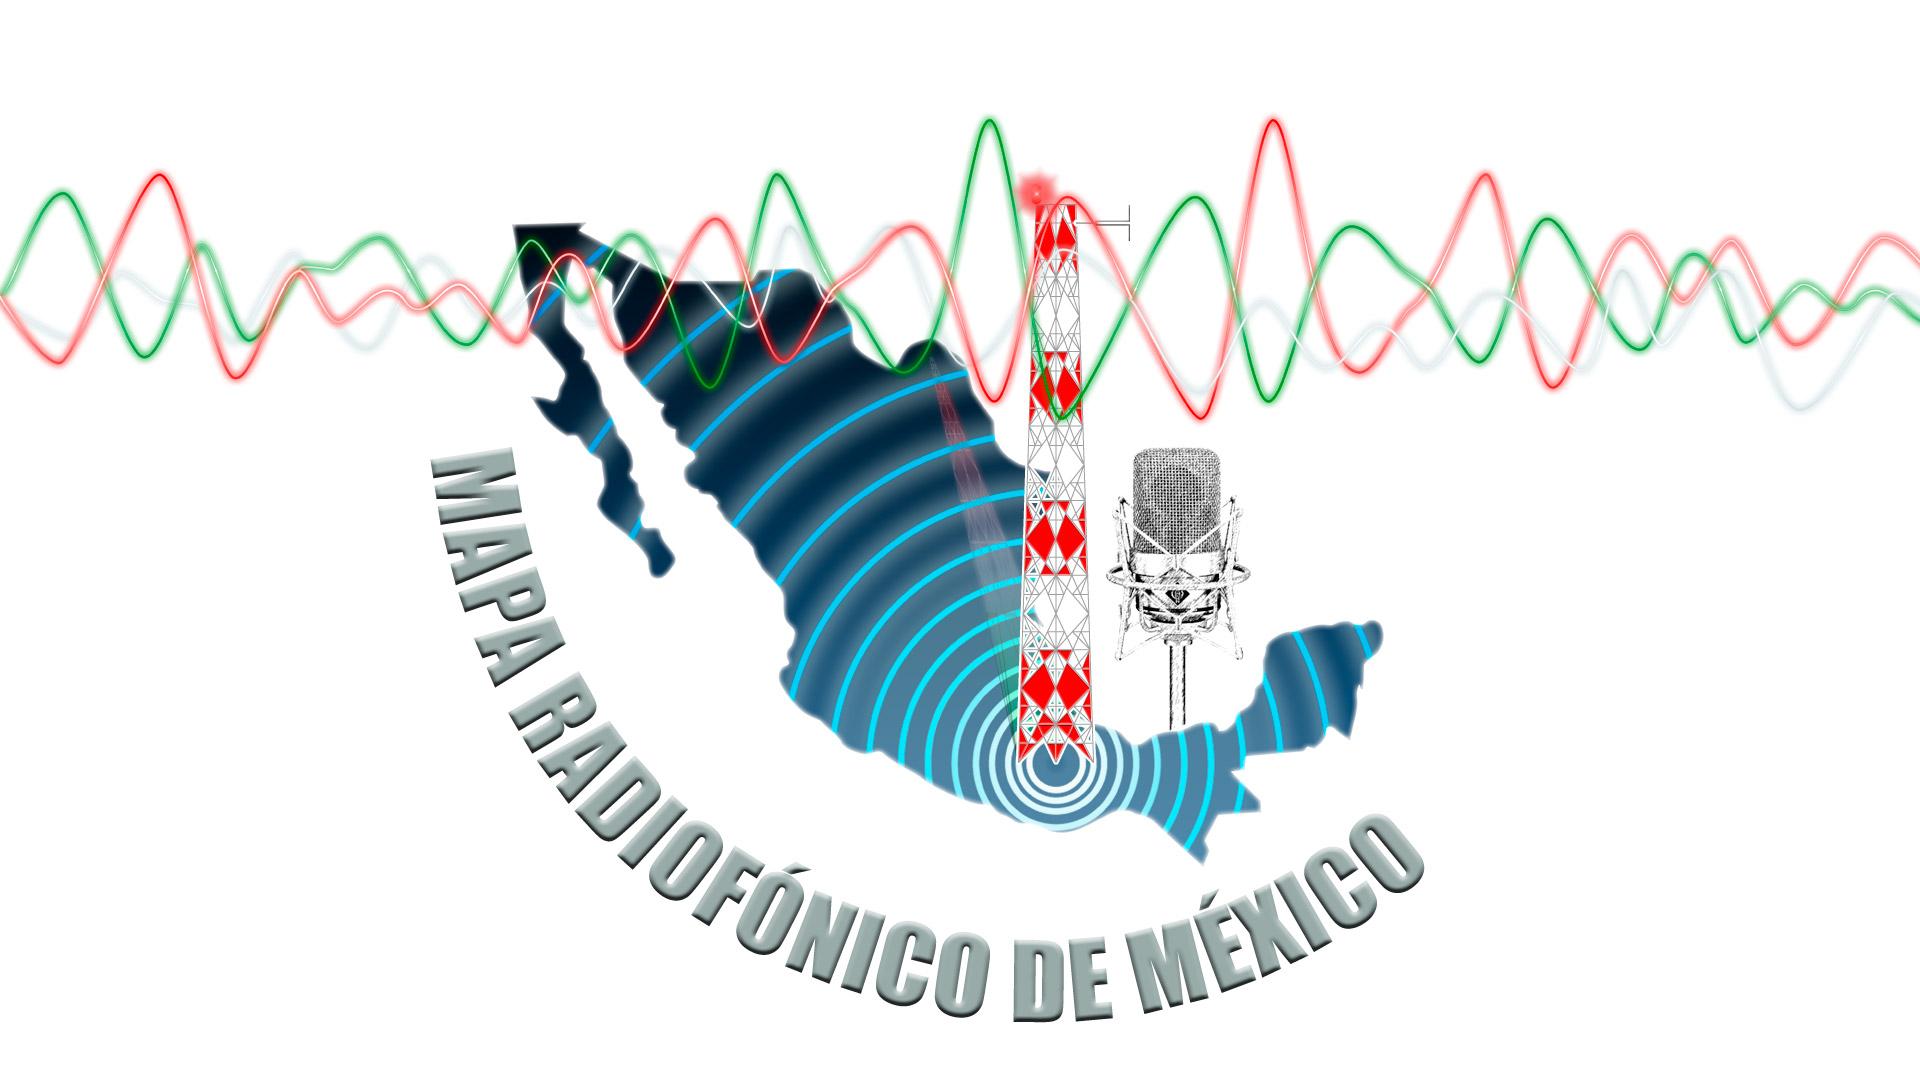 Mapa radiofónico de México